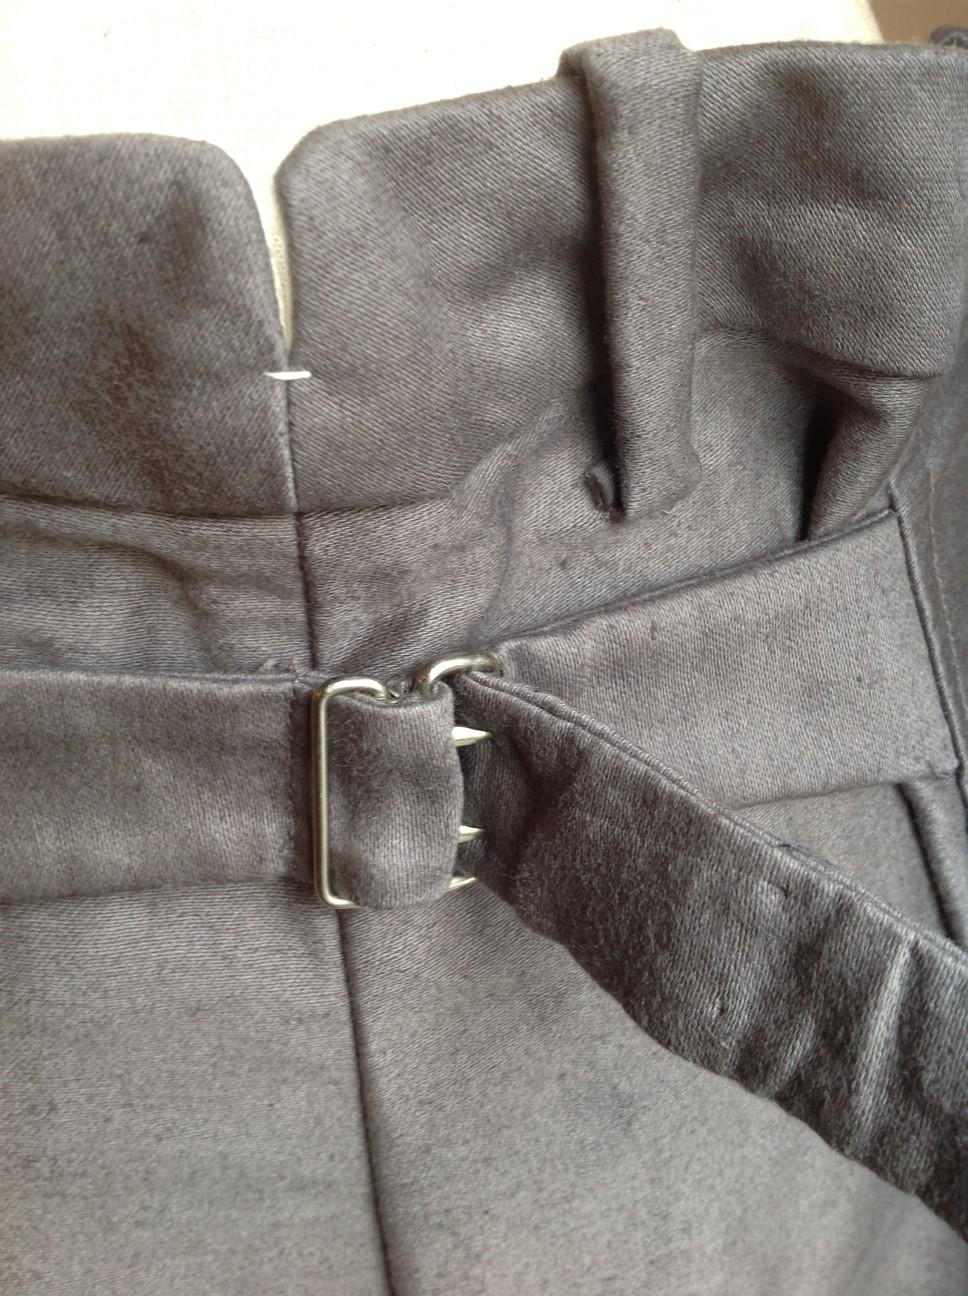 YAECAセットアップジャケットとパンツno.15352、15662_e0248492_17415950.jpg